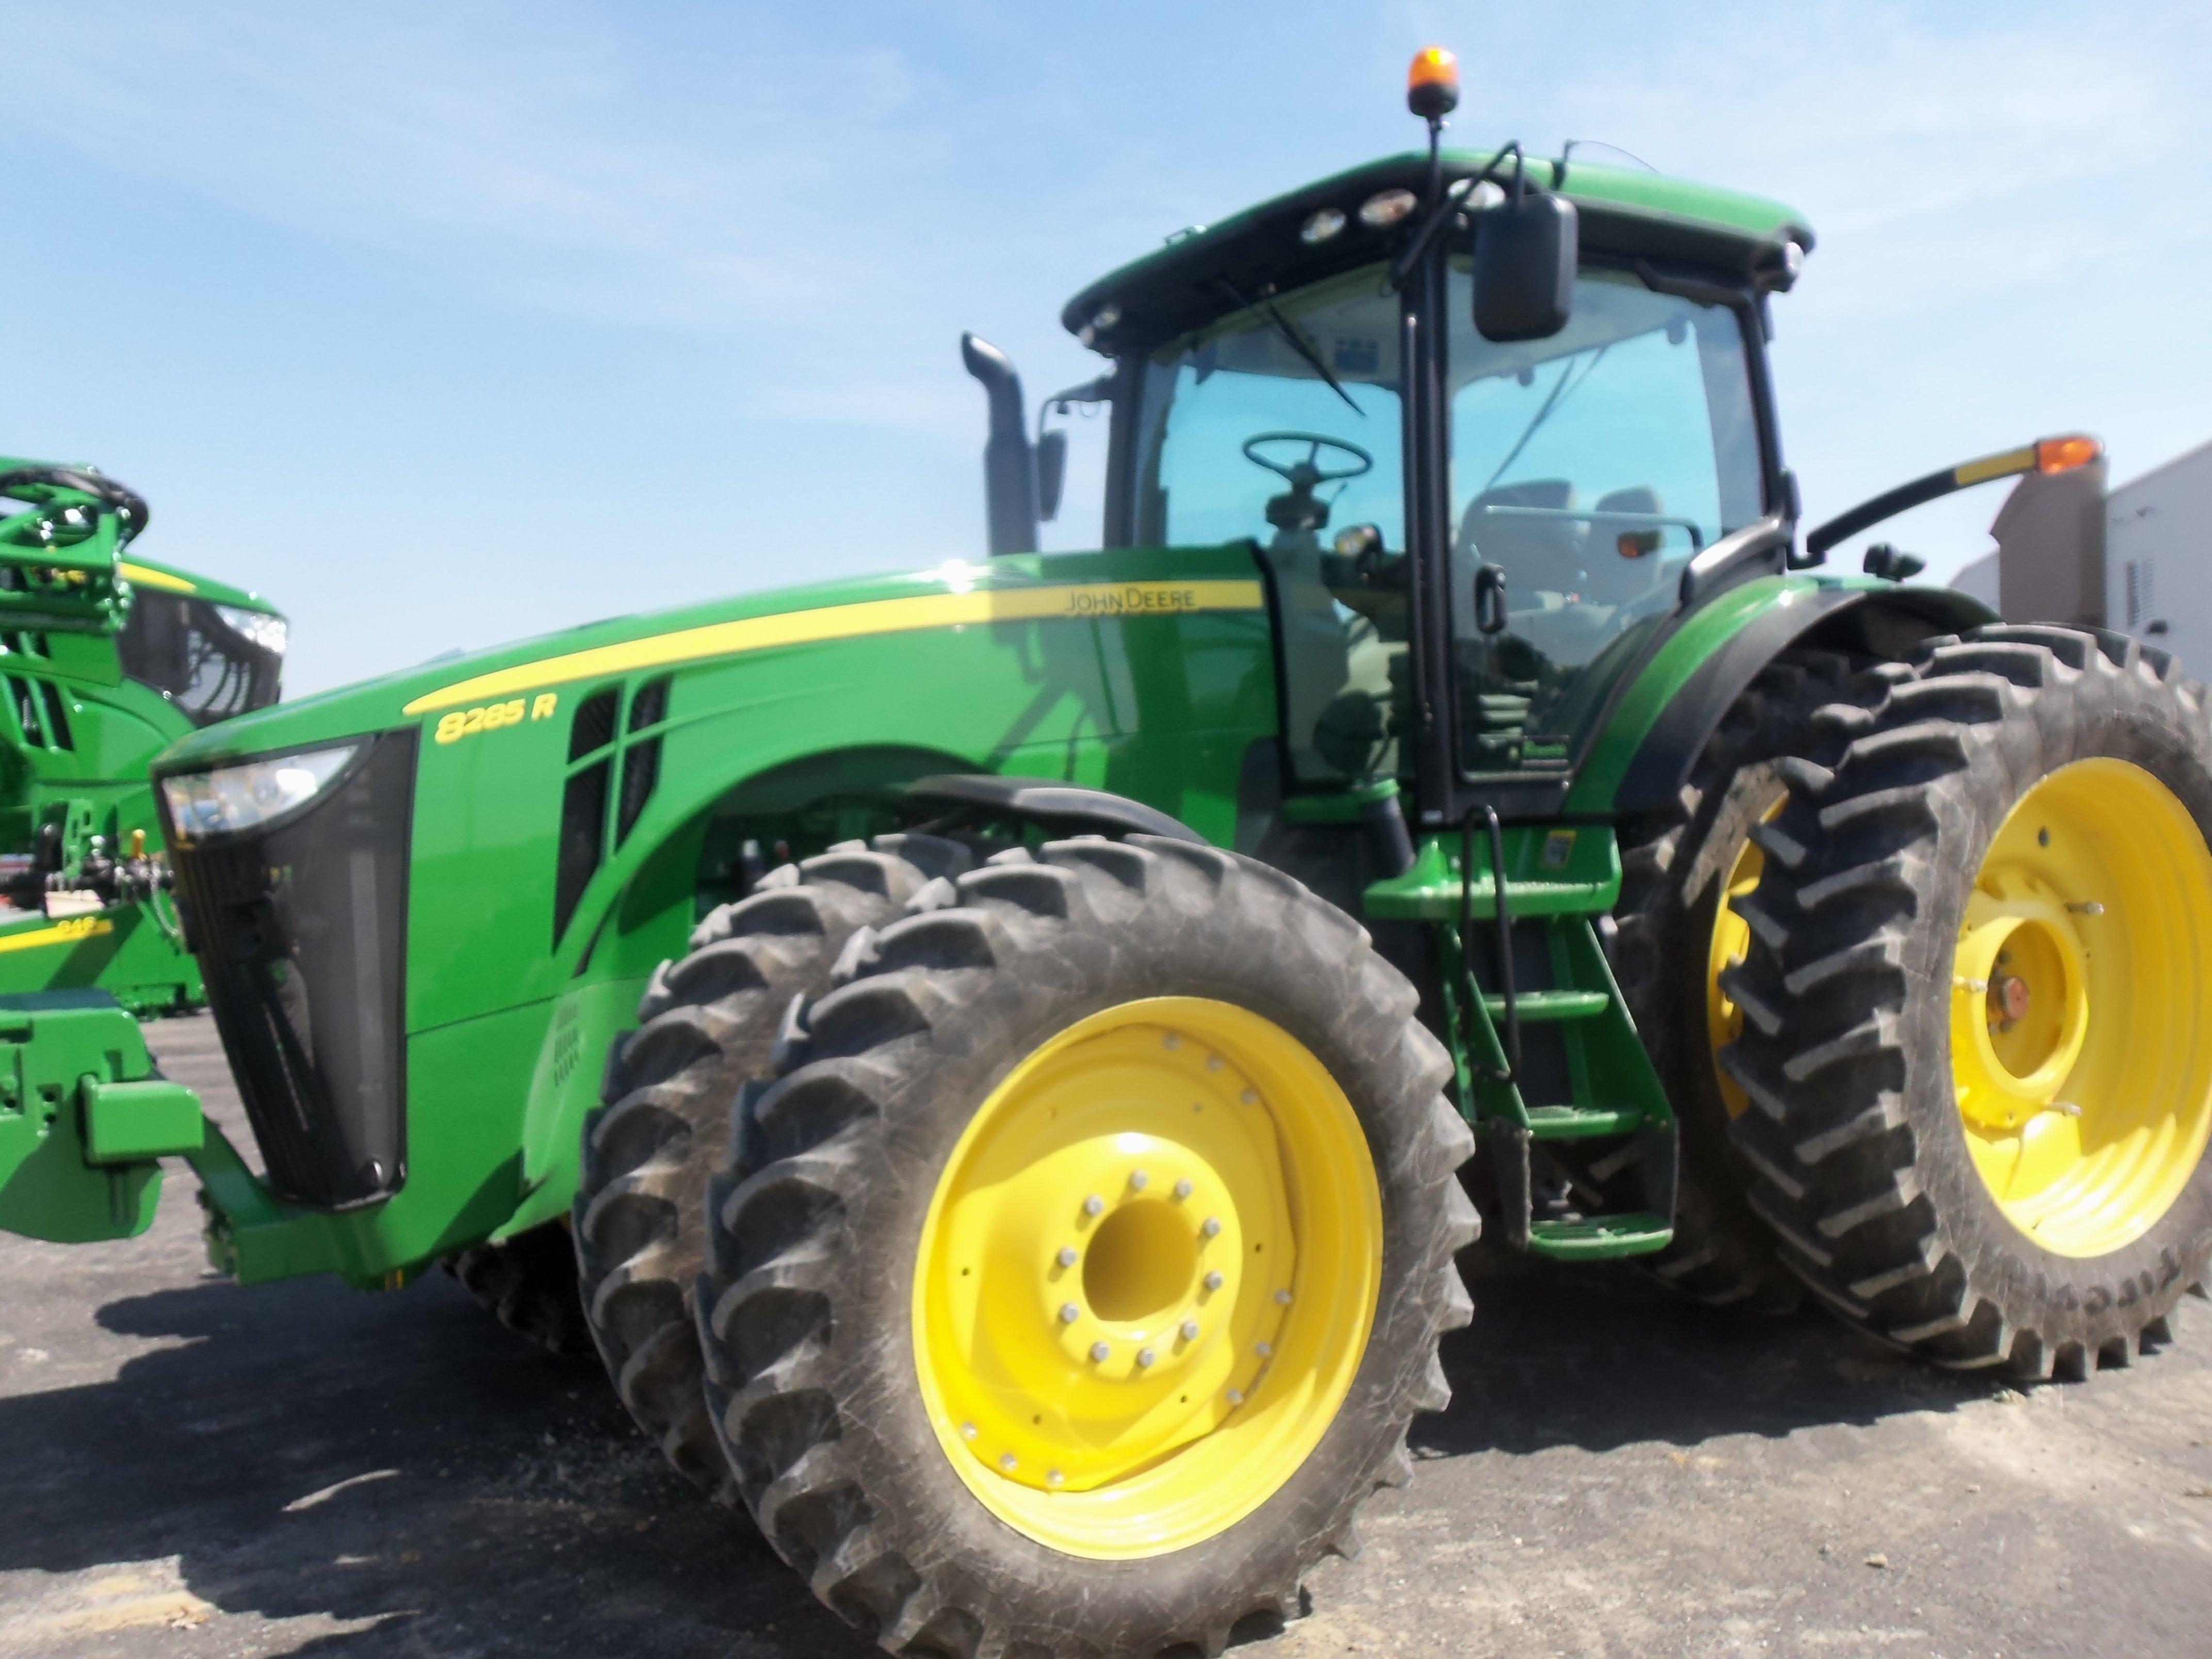 John Deere 8285R row crop tractor. | John Deere equipment | Pinterest